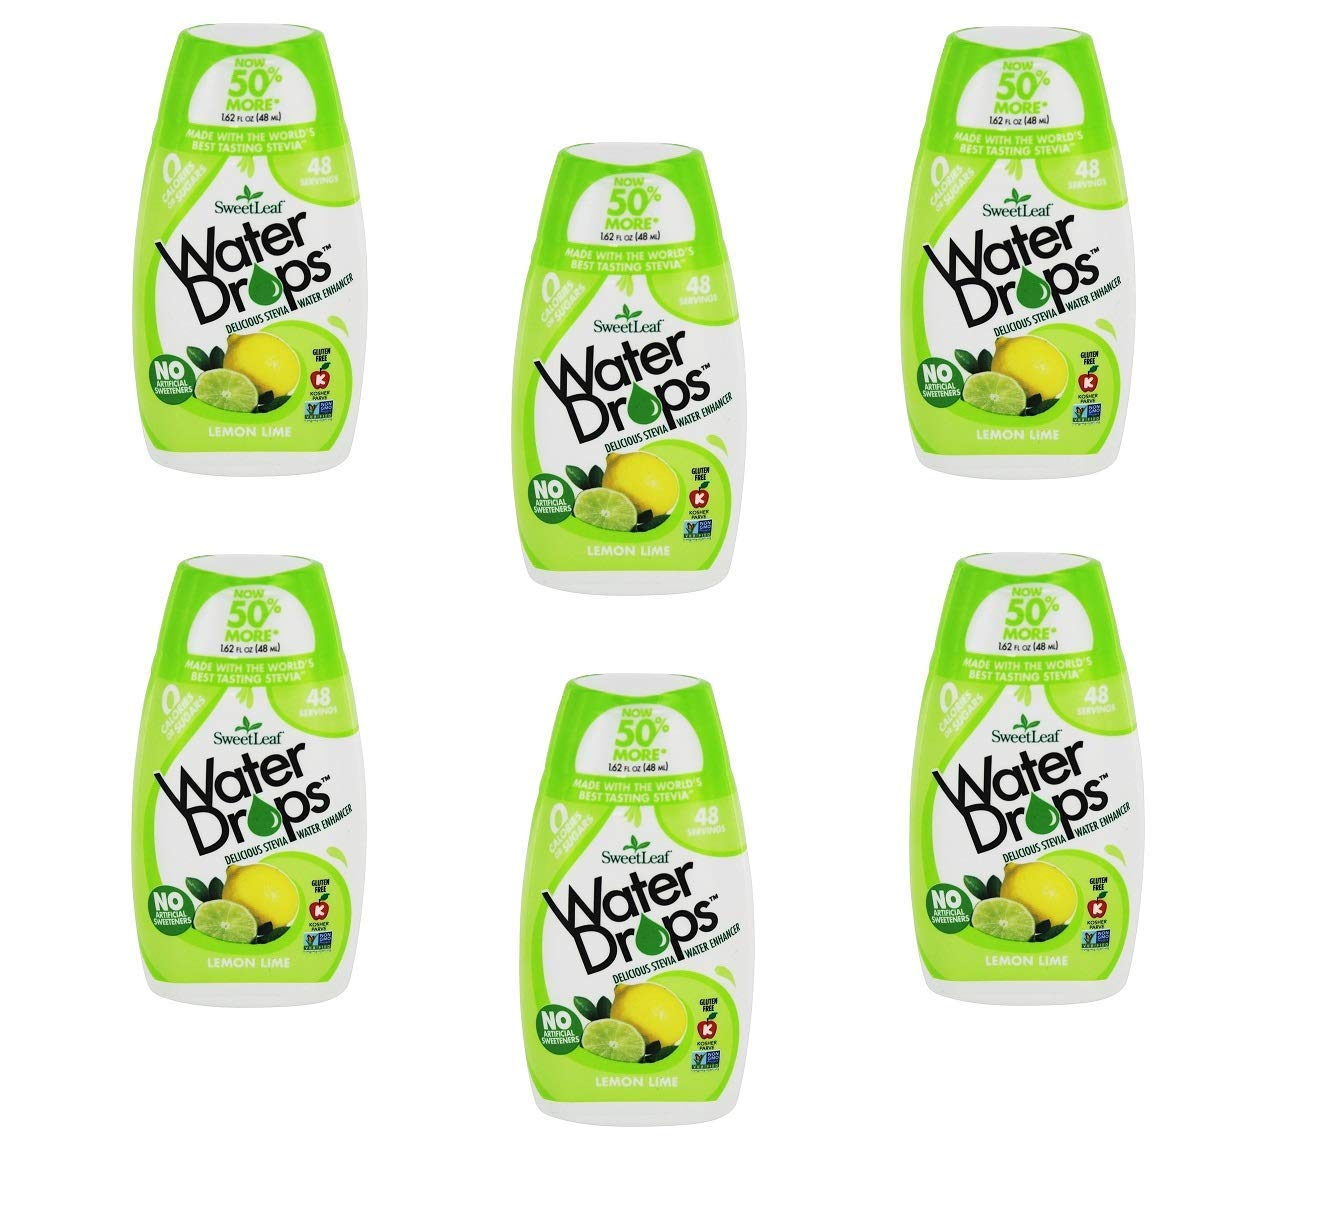 Sweetleaf Water Drop 6 Pack Lemon Lime